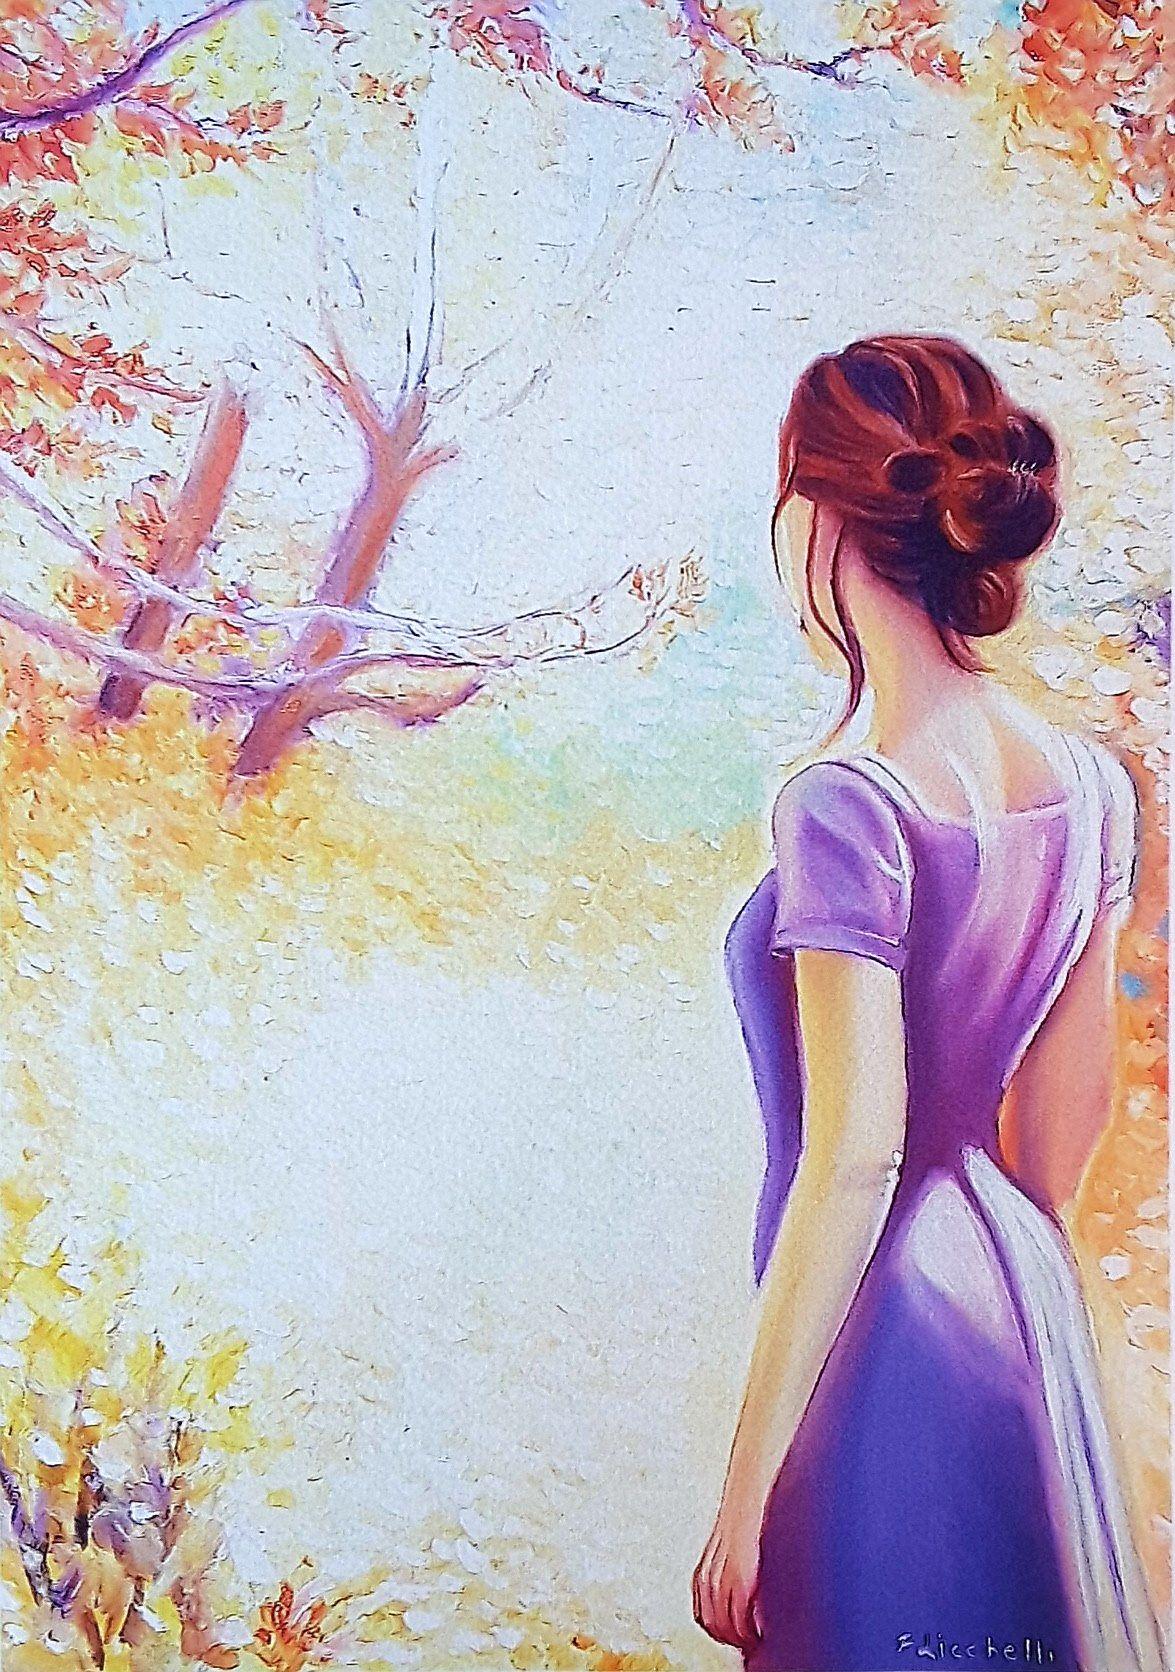 Donna Di Spalle Con Paesaggio Autunnale Stampa Giclée Fine Art Di